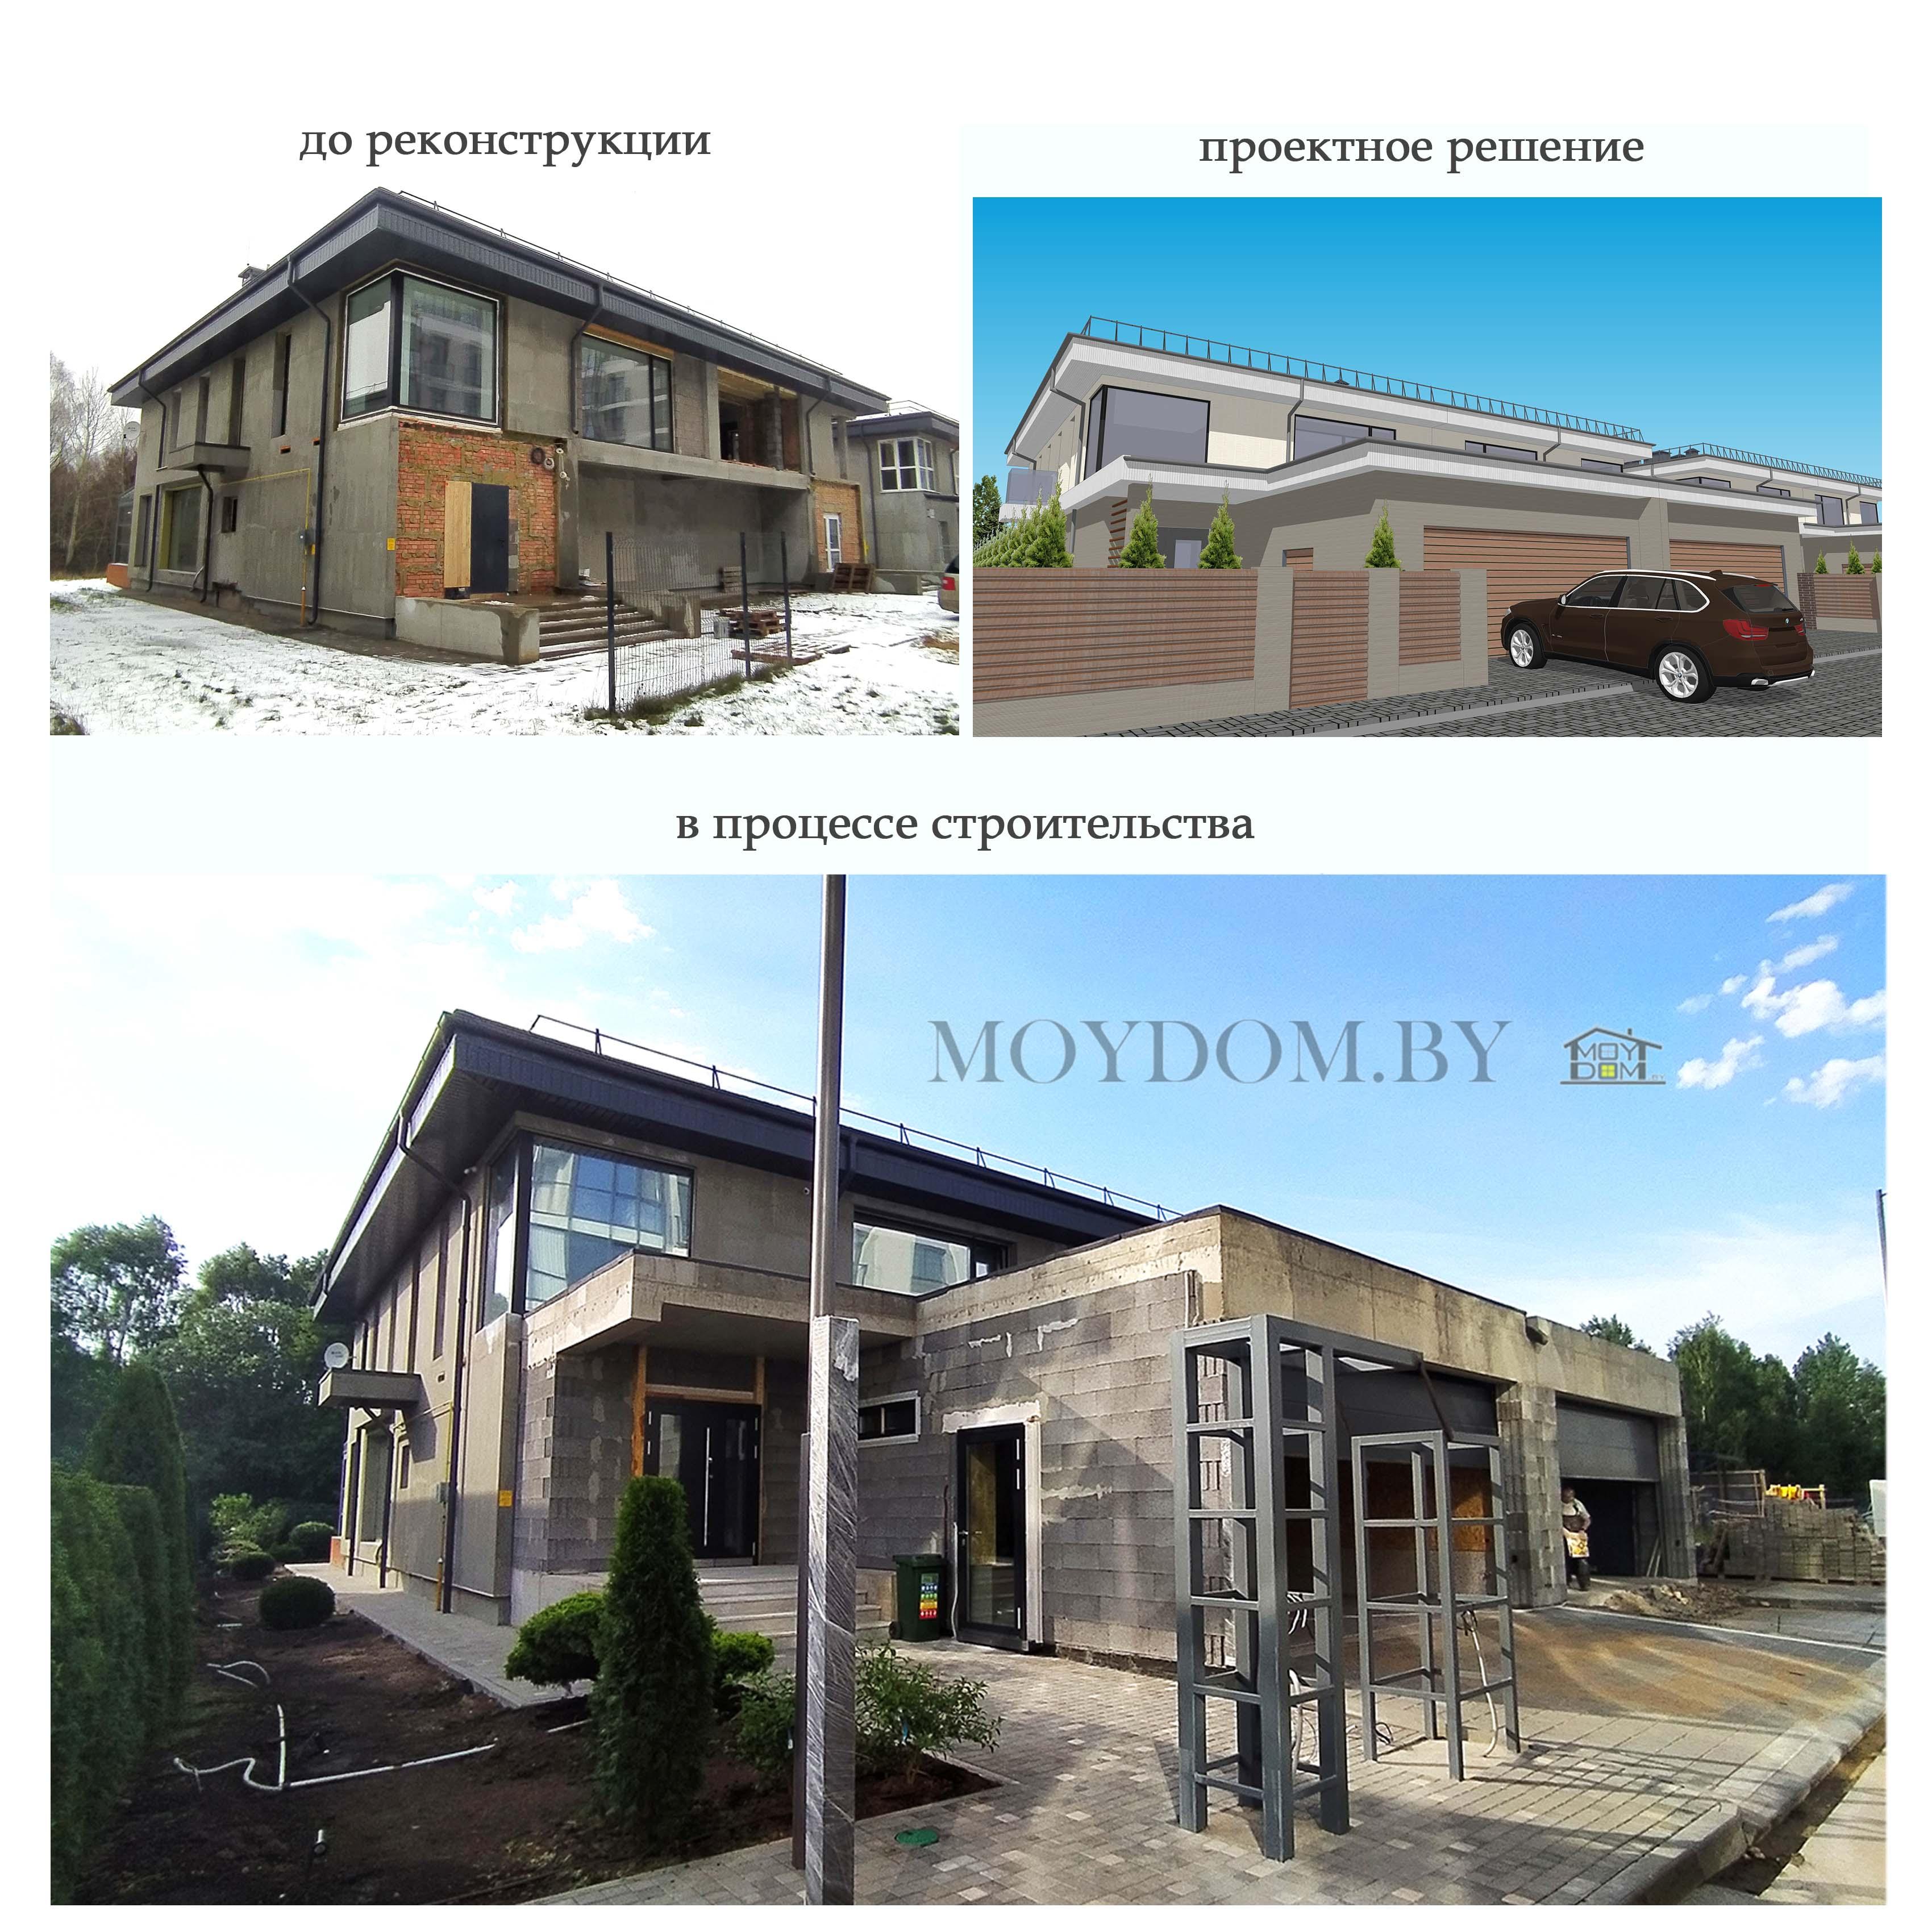 реконструкция блокированного дома